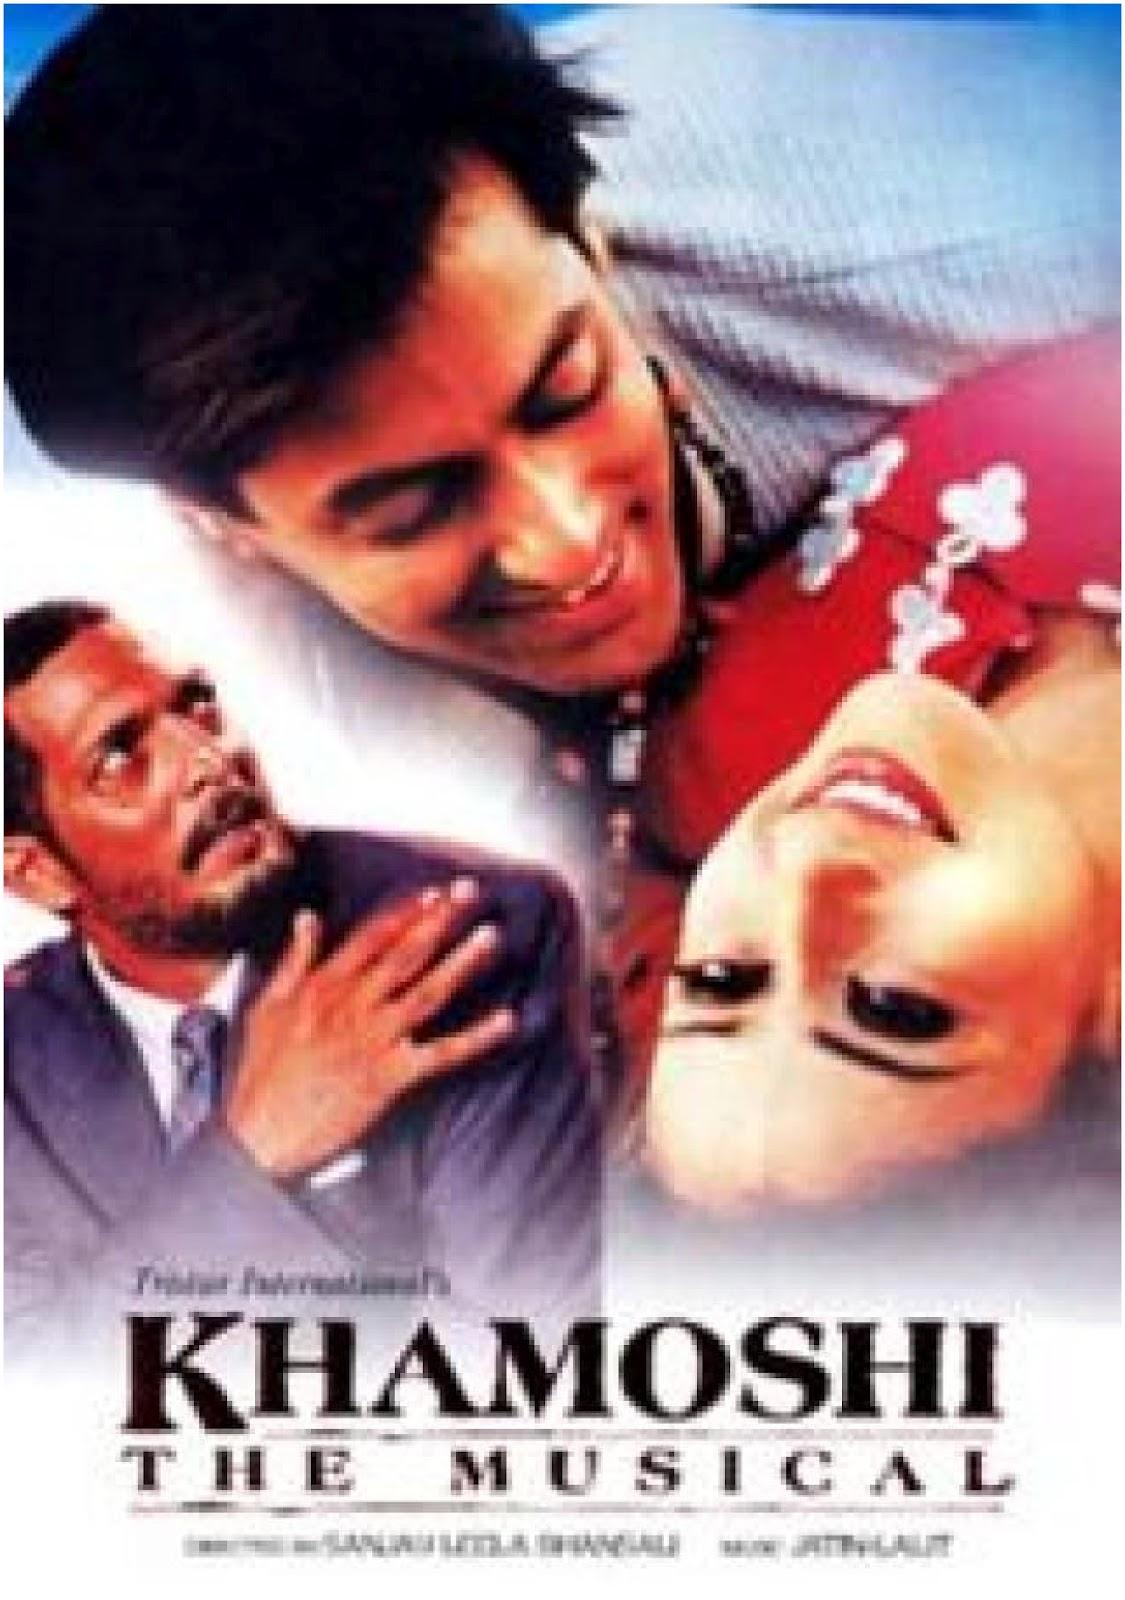 Khamoshi 1969 Hindi Movie Mp3 Song Free Download